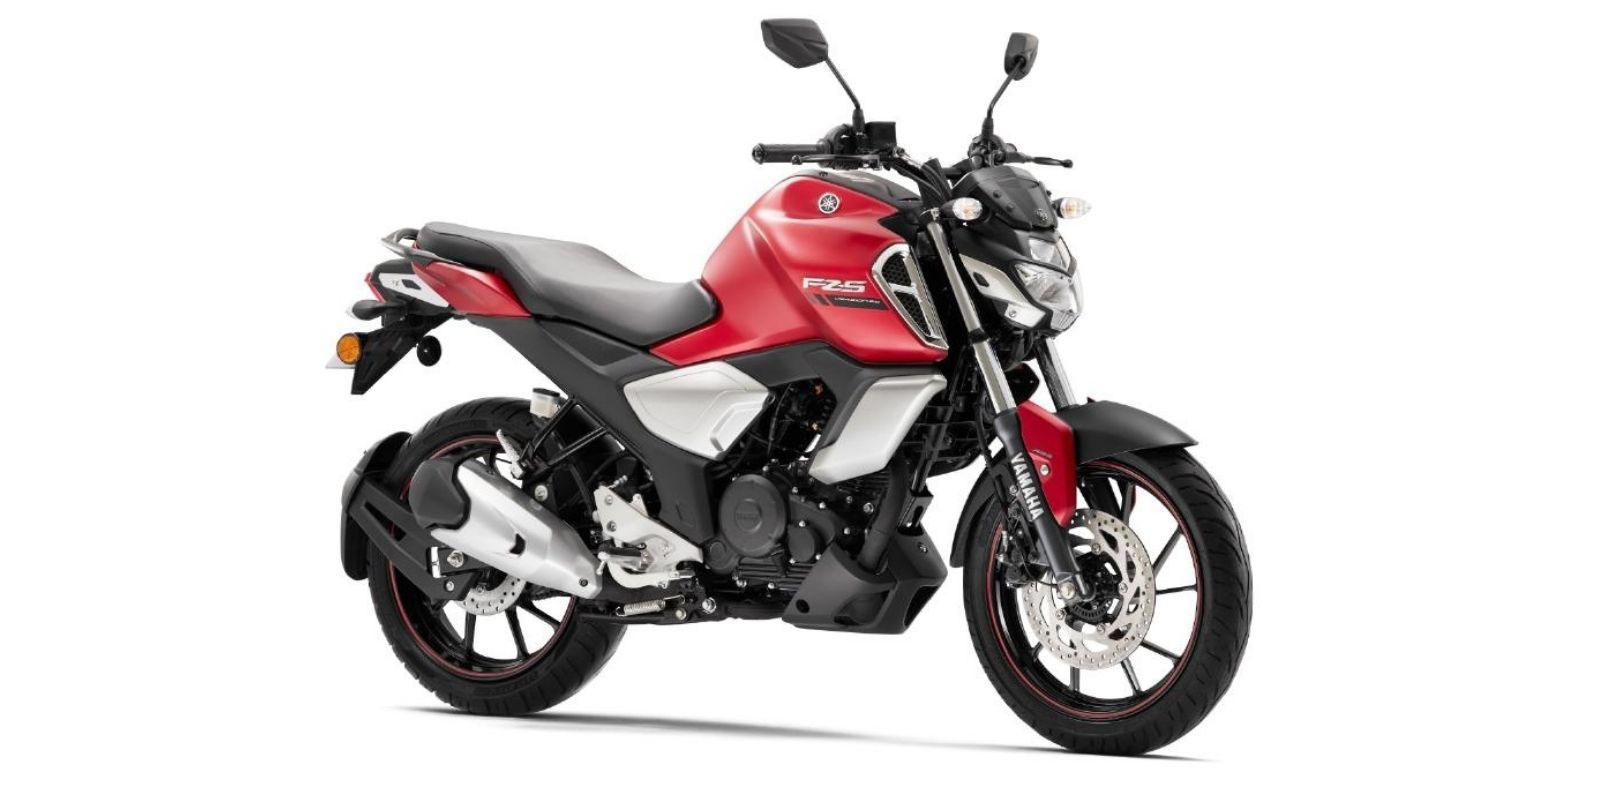 2021 Yamaha FZ FI And FZS FI Launched In India From Rs. 1.03 Lakh - GaadiWaadi.com - GaadiWaadi.com